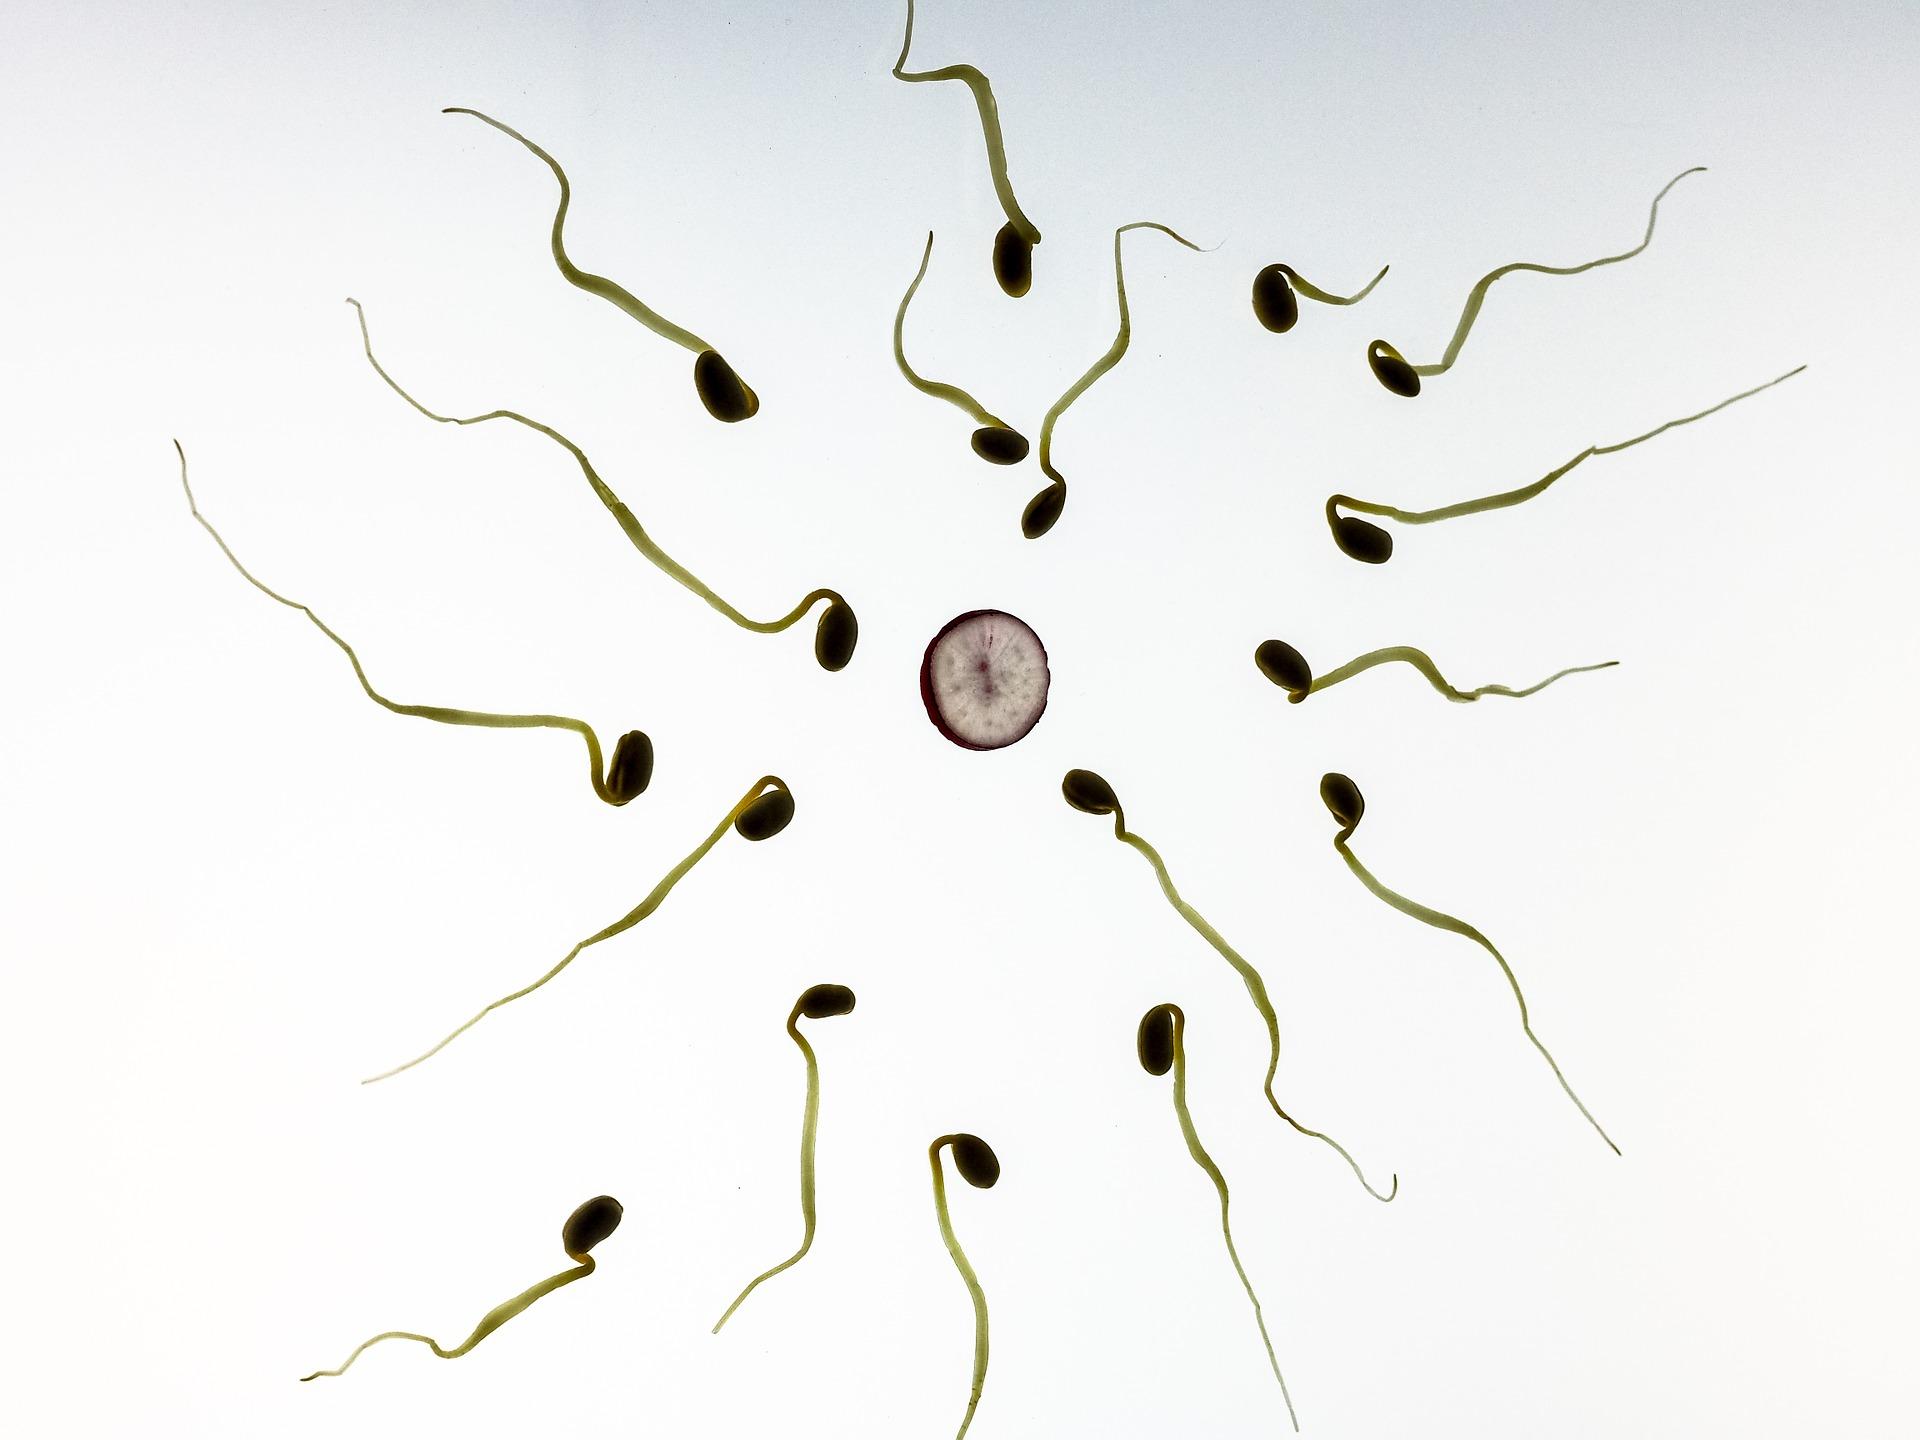 sperm-956480_1920.jpg